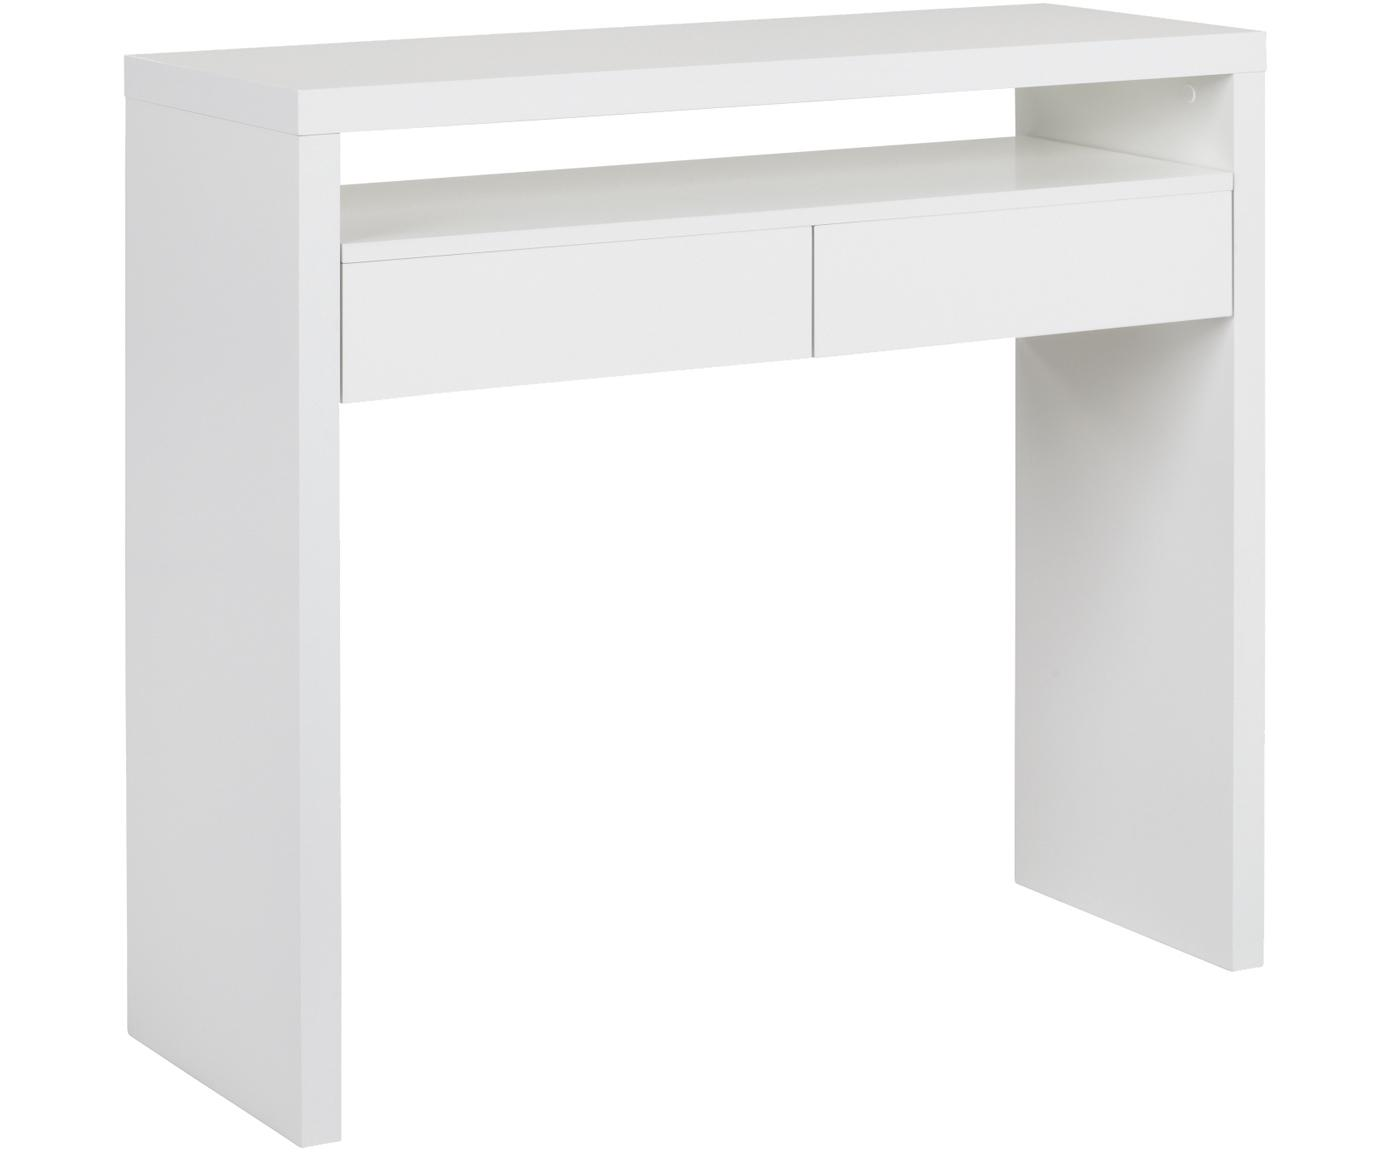 Smal bureau Teresa met uitschuifbare tafelblad, Spaanplaat met melaminecoating, Wit, B 100 x D 36 cm